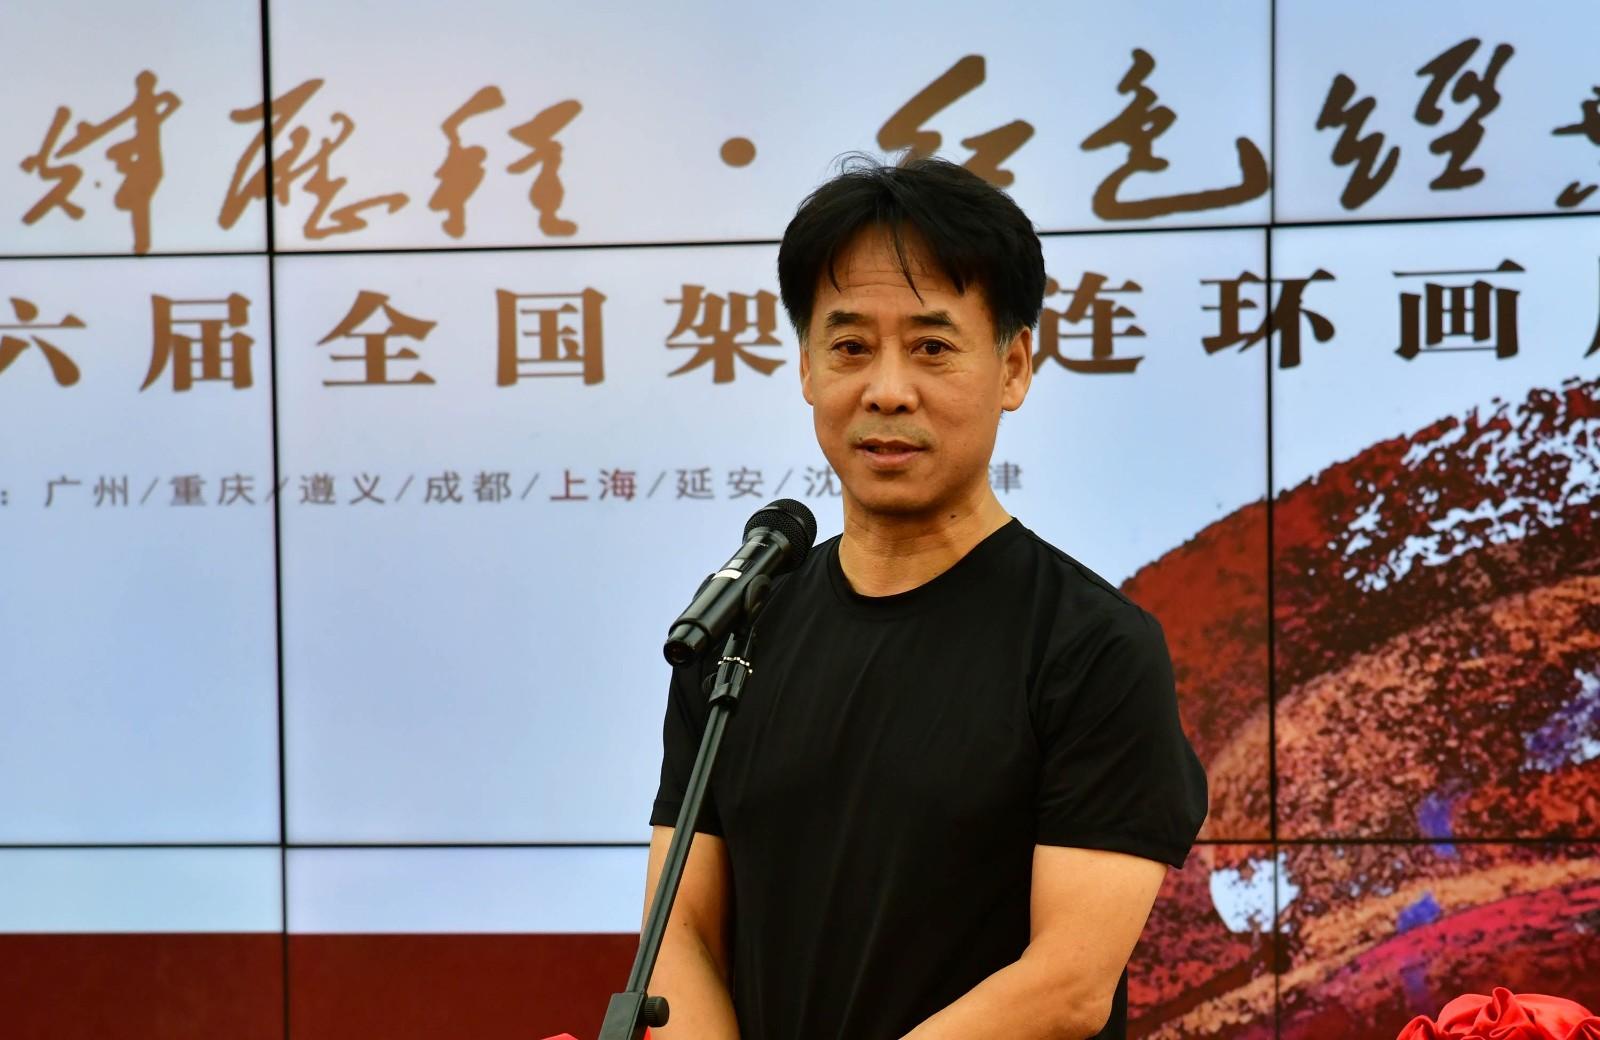 6 中国美协连环画艺委会主任李晨致辞.jpg